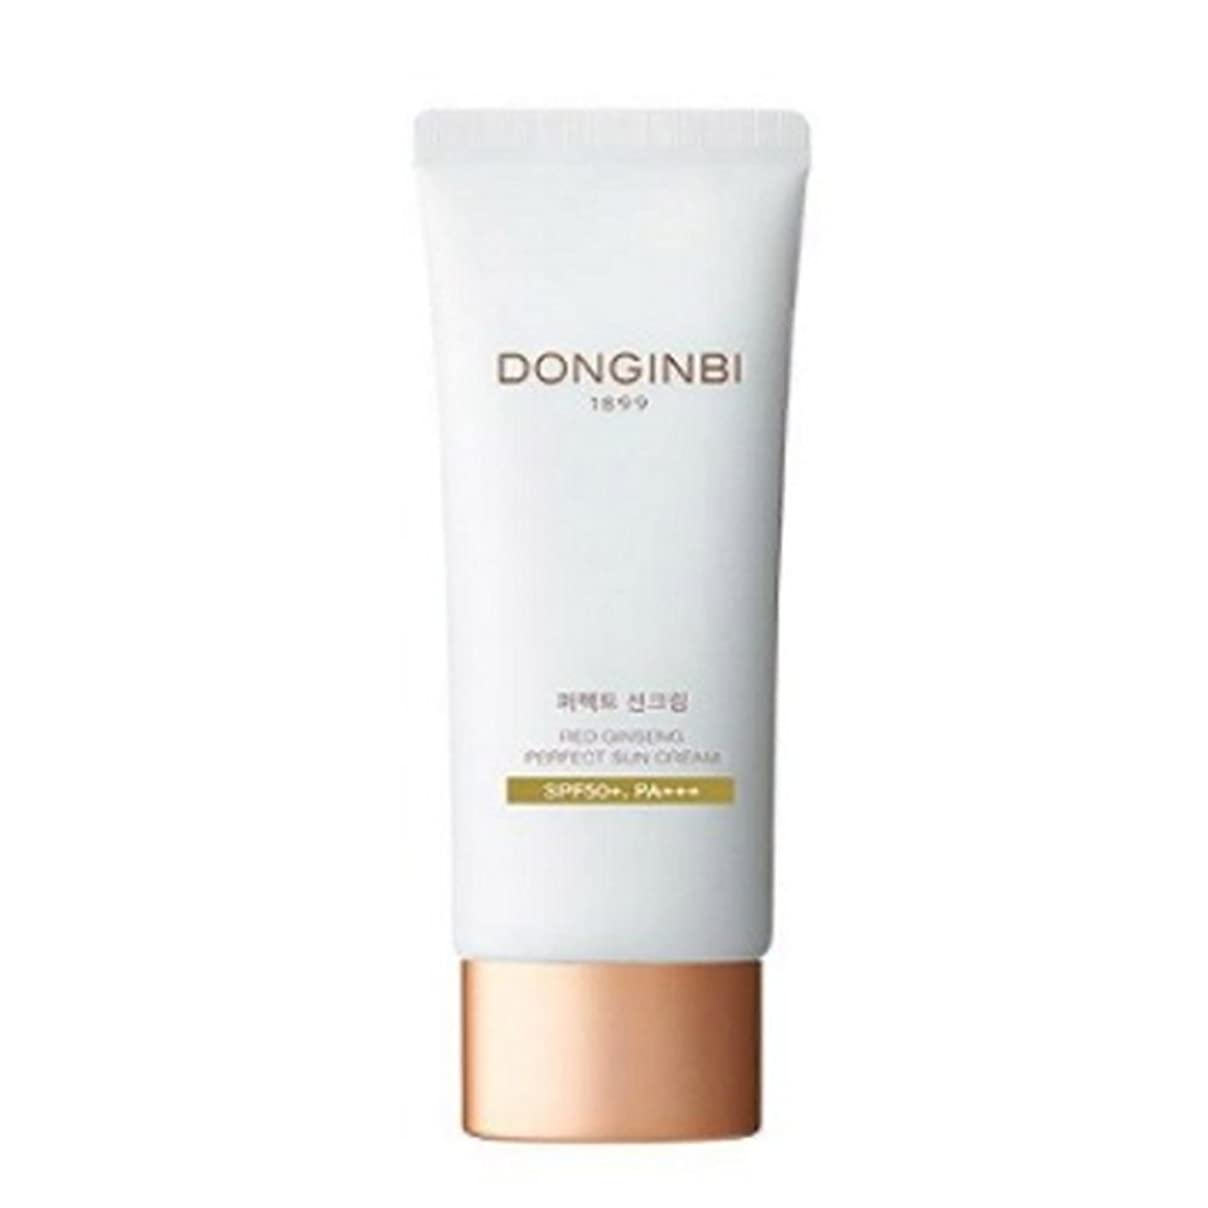 カナダ詩苦痛[ドンインビ]DONGINBI ドンインビパーフェクトサンクリーム50ml 海外直送品 perfect suncream SPF50+ PA+++ 50ml [並行輸入品]